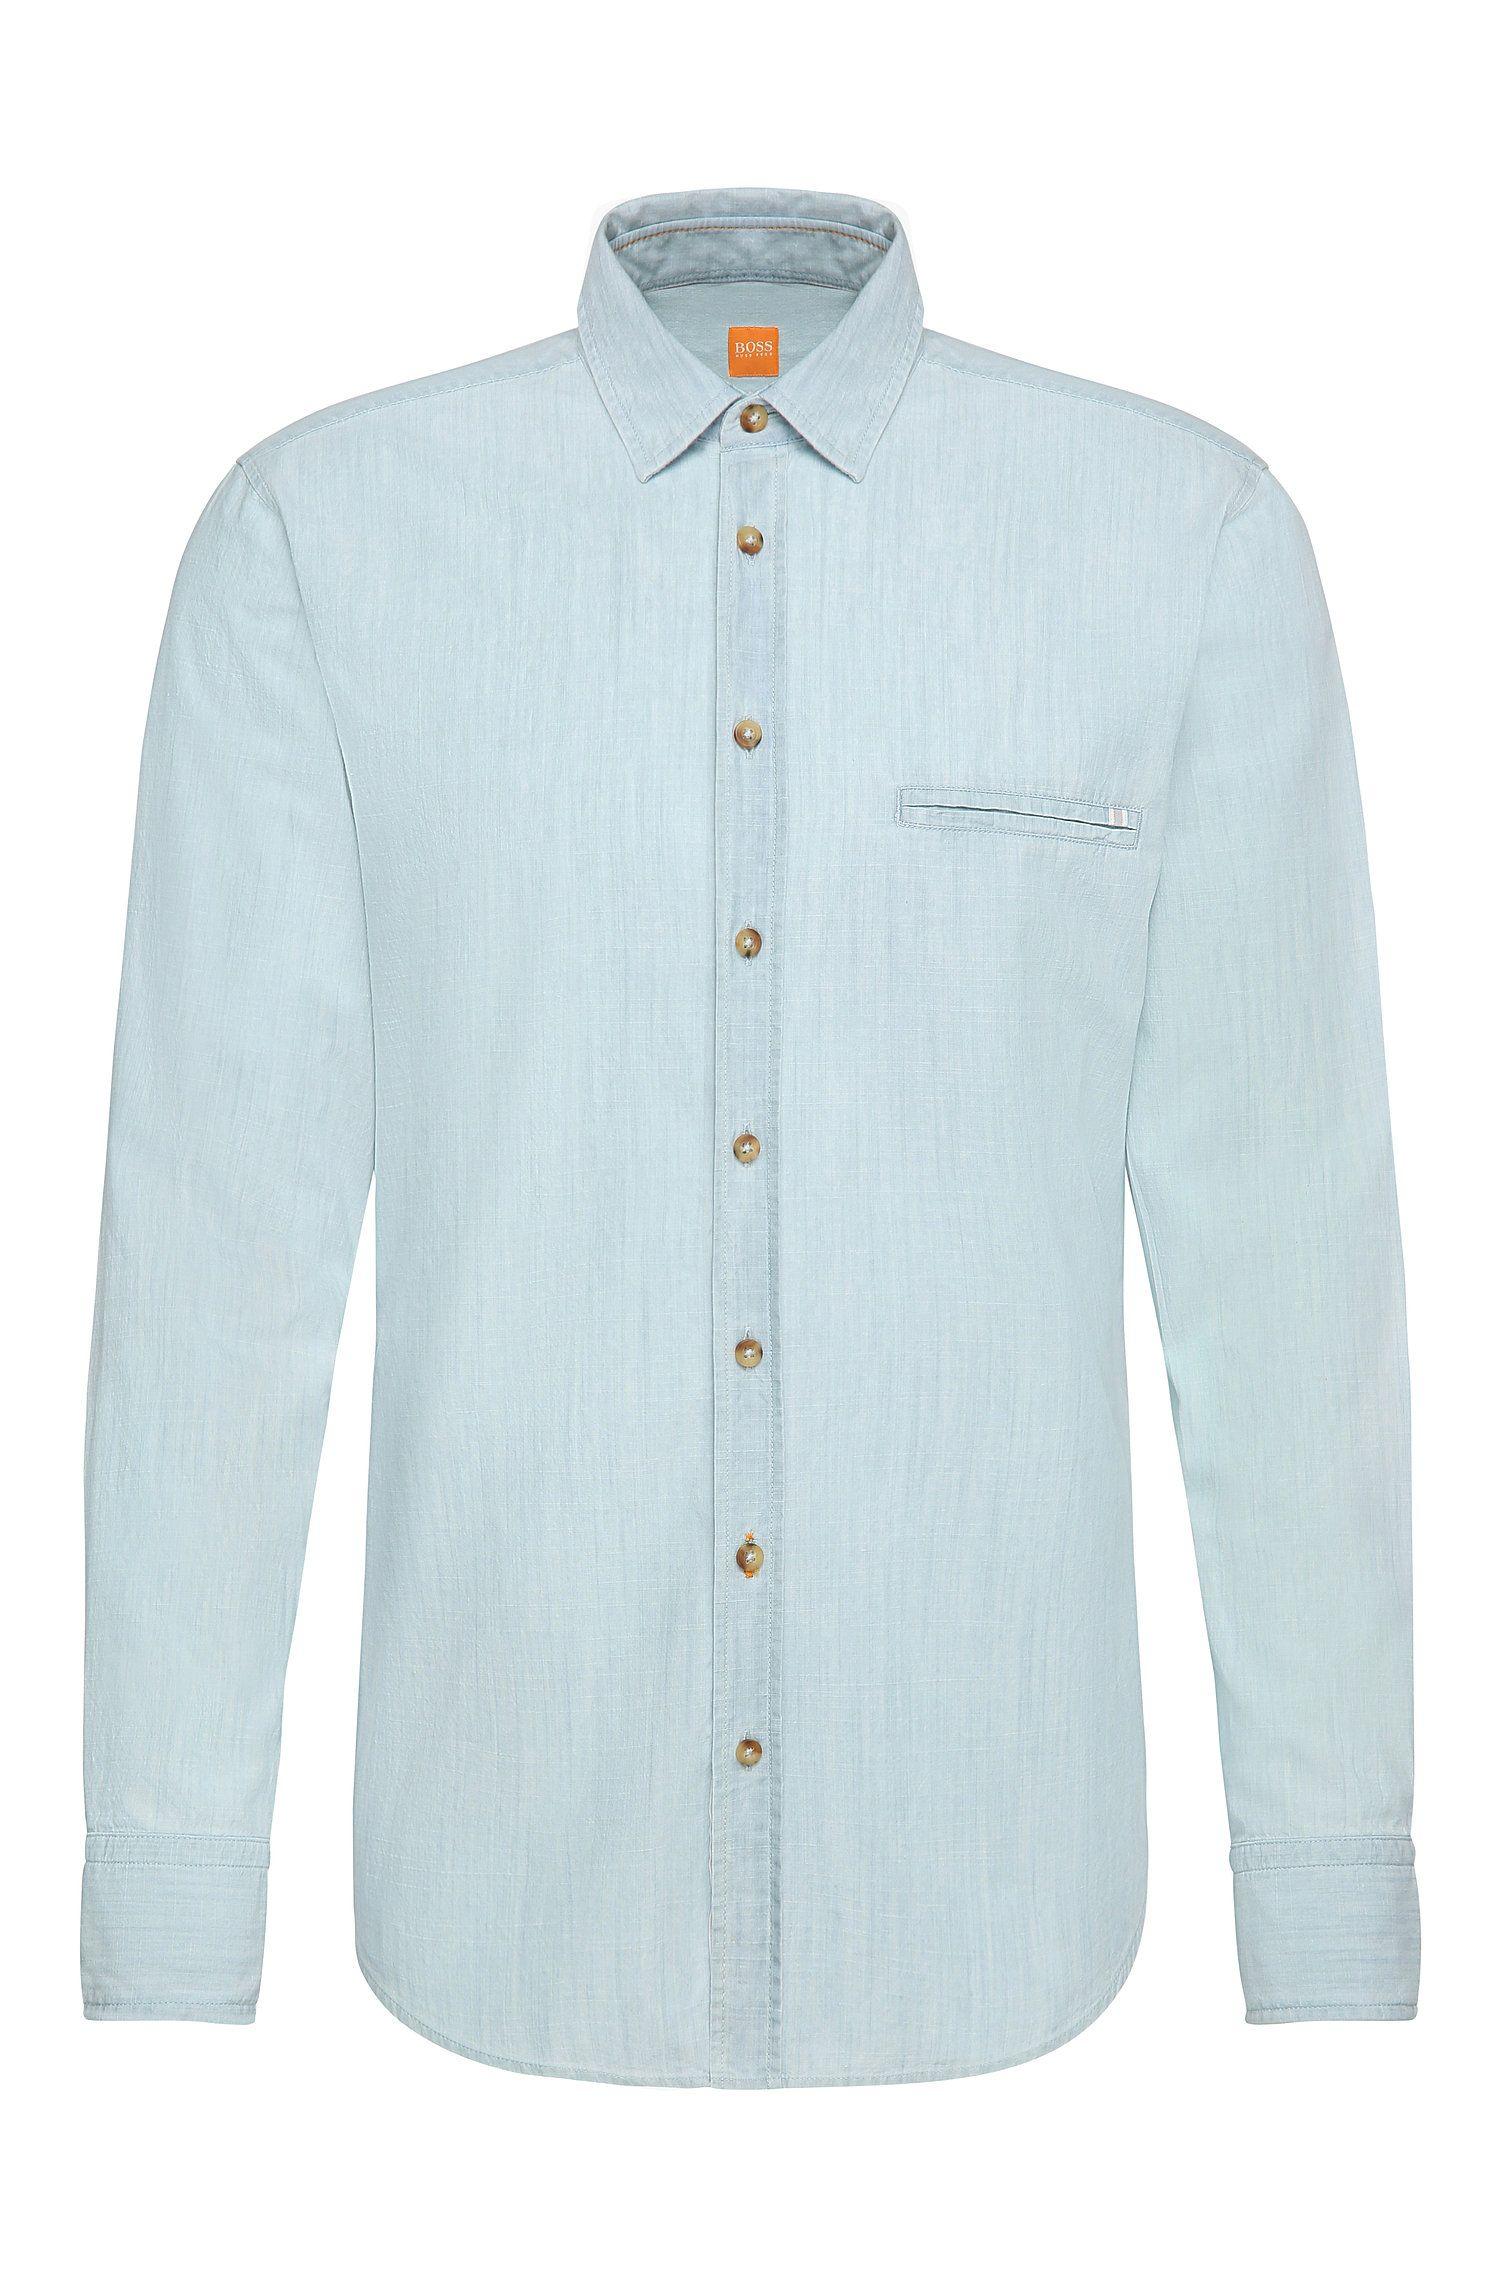 Cotton Denim Button Down Shirt, Regular Fit | Elvedge